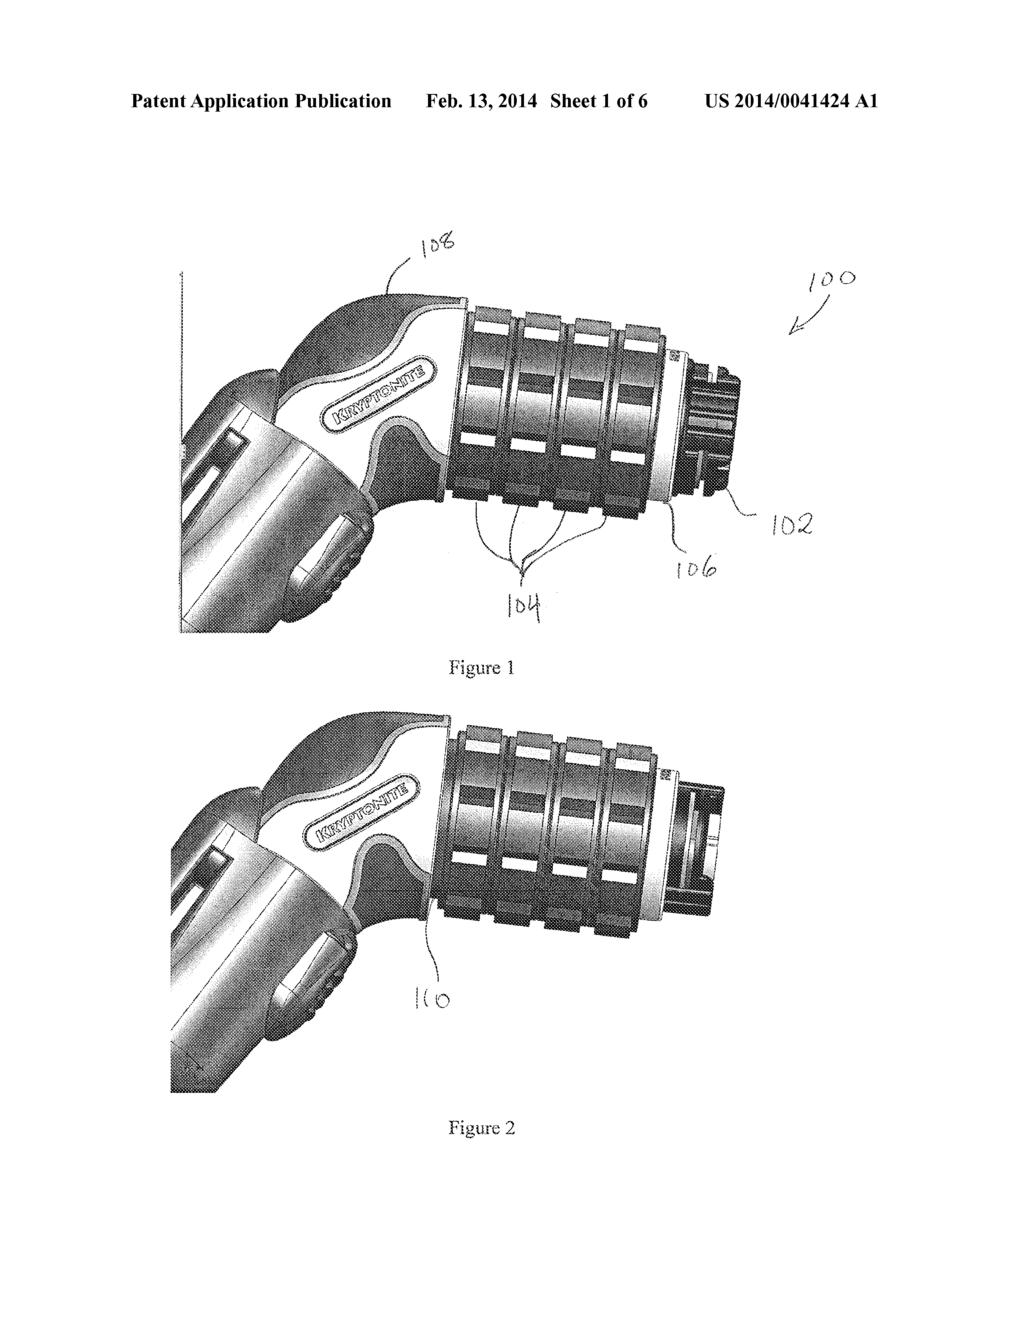 resettable combination lock mechanism diagram, schematic, and image 02Resettable Combination Lock Mechanism Diagram And Image #12